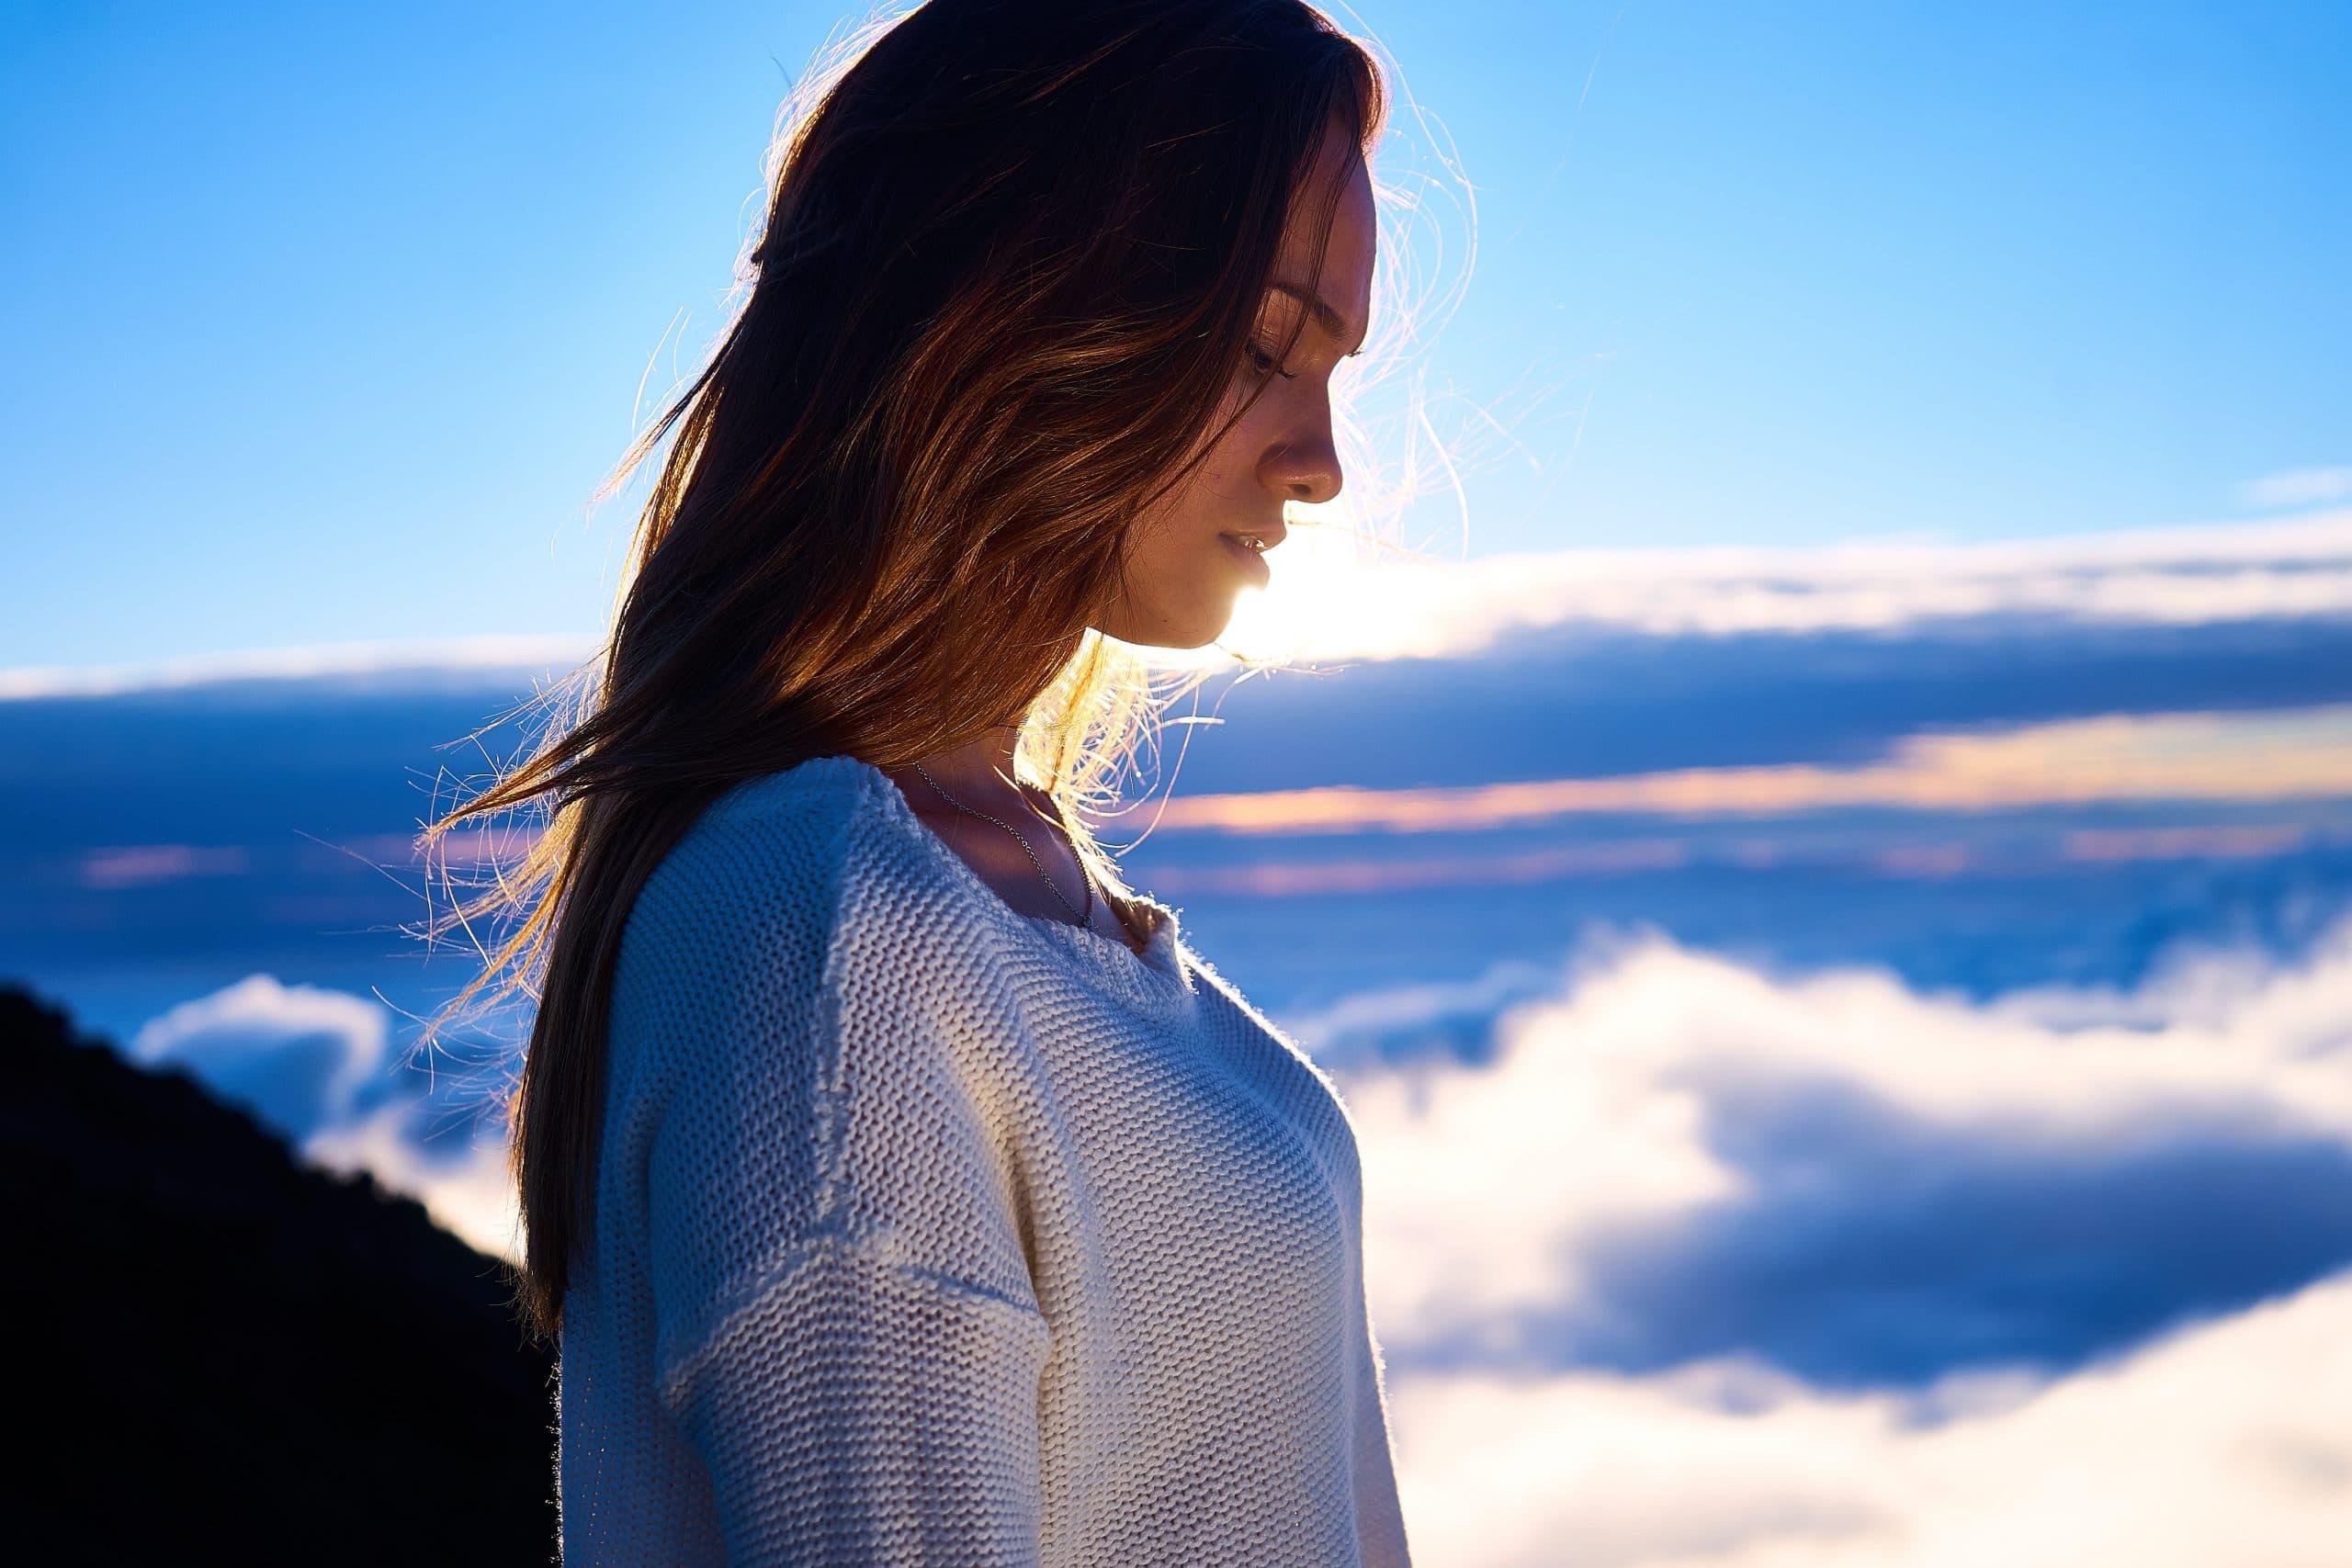 Mulher no alto de montanha com céu de nuvens e sol refletindo ao fundo